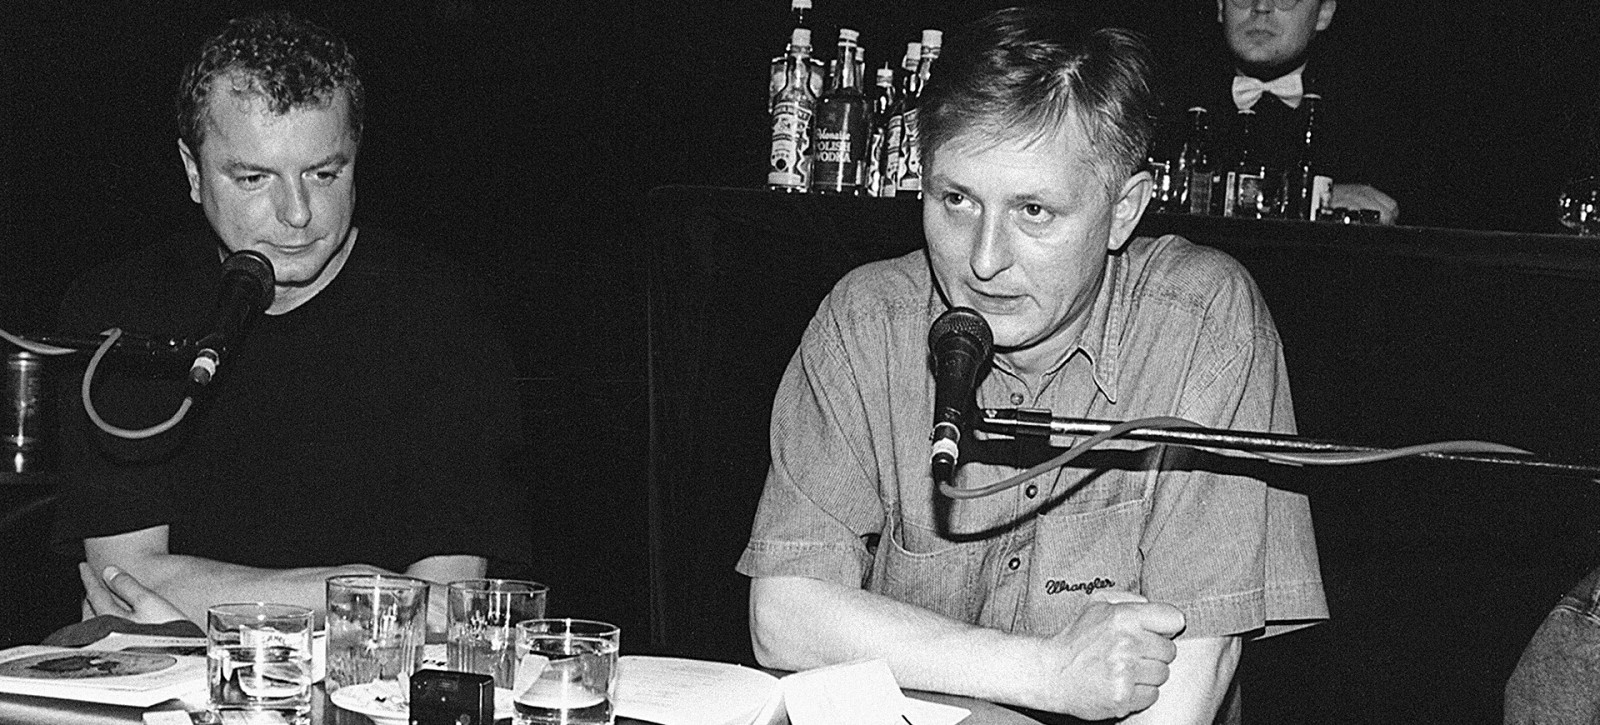 21_ZDJĘCIA__Wojciech Wilczyk__Fort Legnica 1998